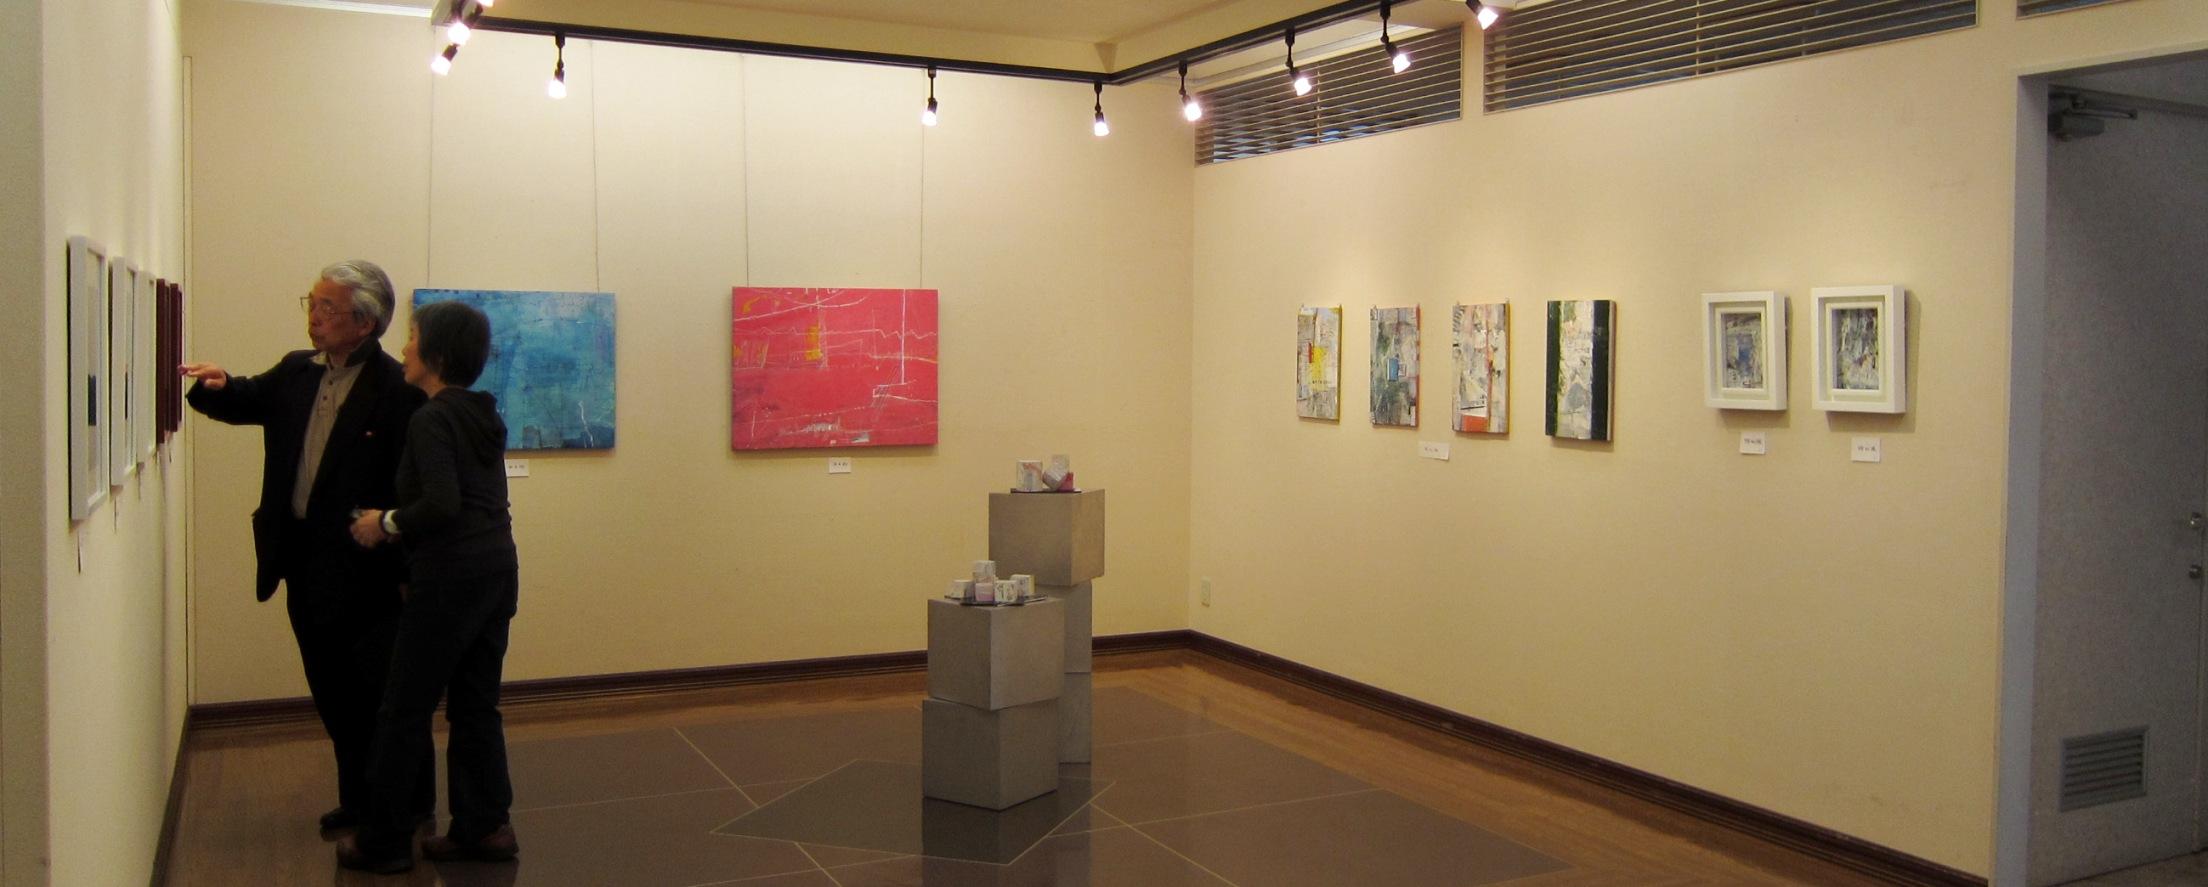 2080)「野口秀子個展 2013」 さいとう 5月28日(火)~6月2日(日)  _f0126829_2327872.jpg